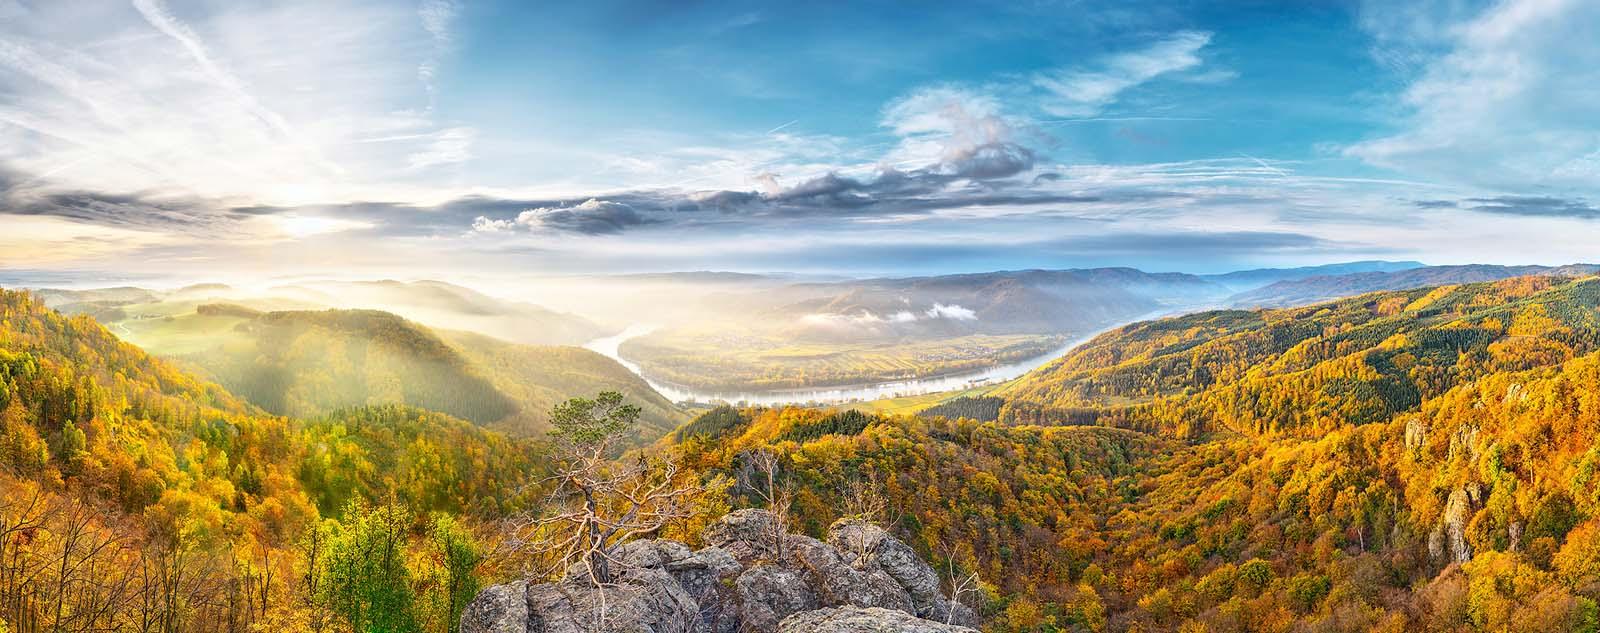 Weltkulturerbe Wachau, Österreich: Herbstliche Morgenstimmung in der Wachau. Zweizeiliges Panorama, zusammengesetzt aus 104 Aufnahmen. Originalgröße 430x170 cm | © Reinhard Podolsky